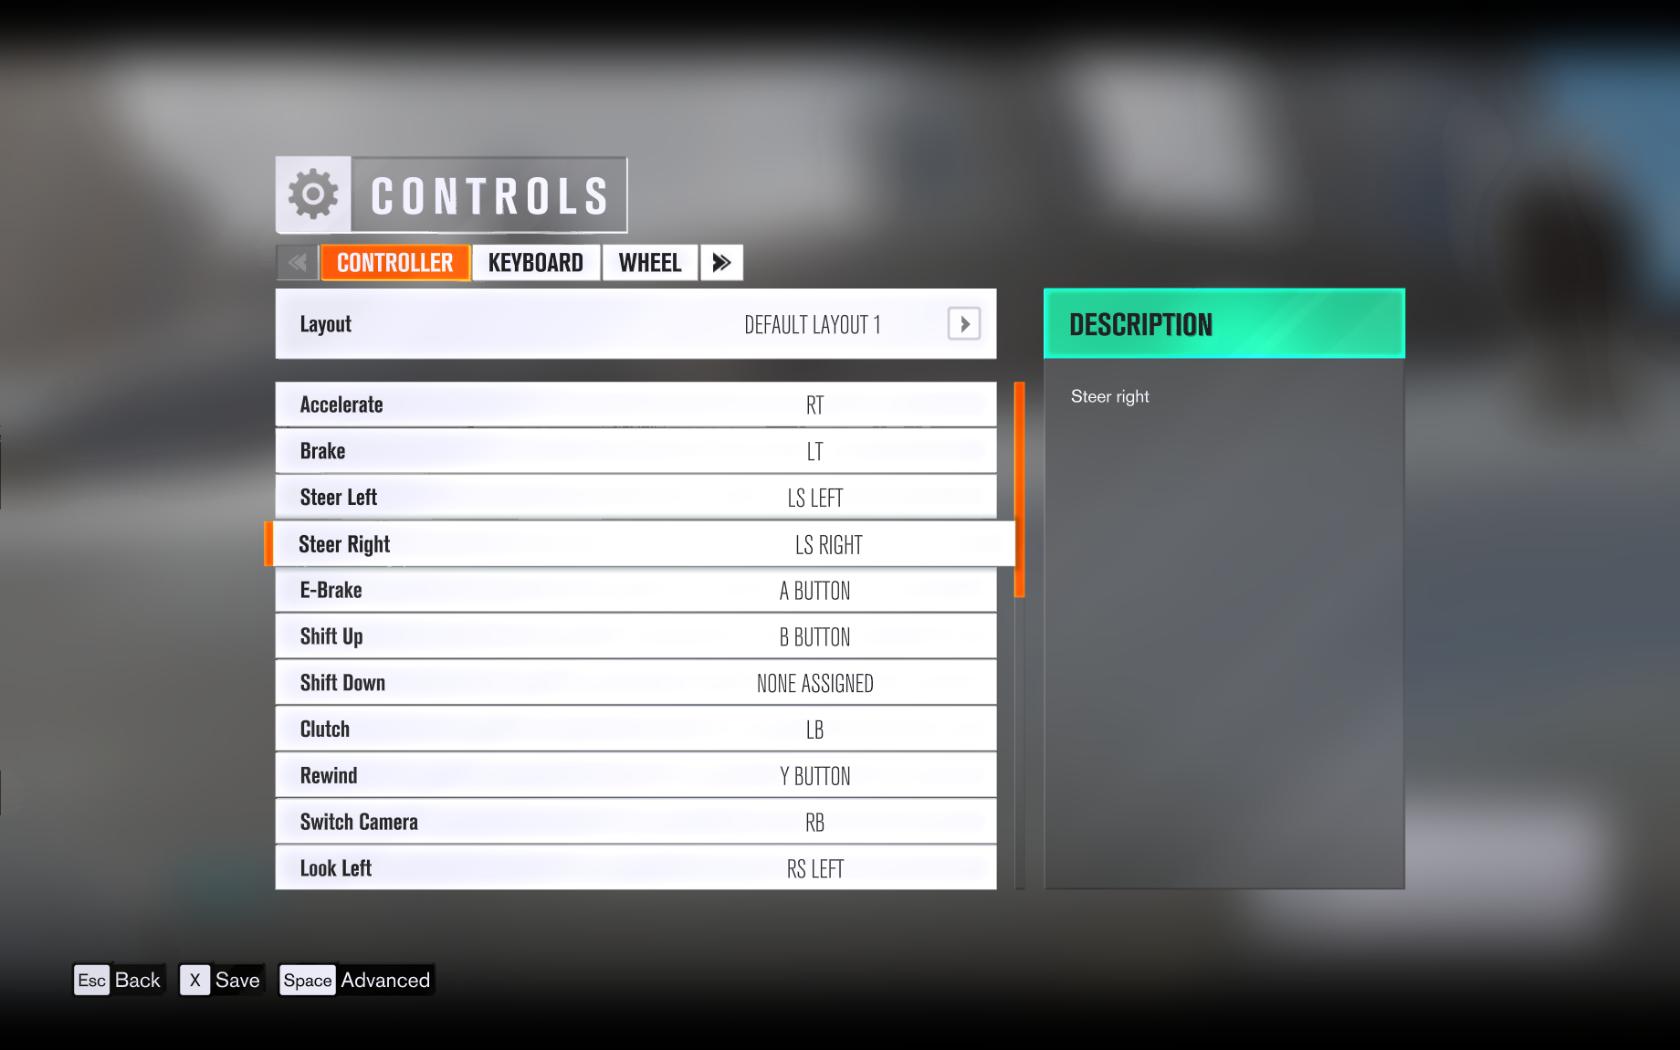 Jak funguje festival rychlosti z Forza Horizon 3 na počítačích? 131206